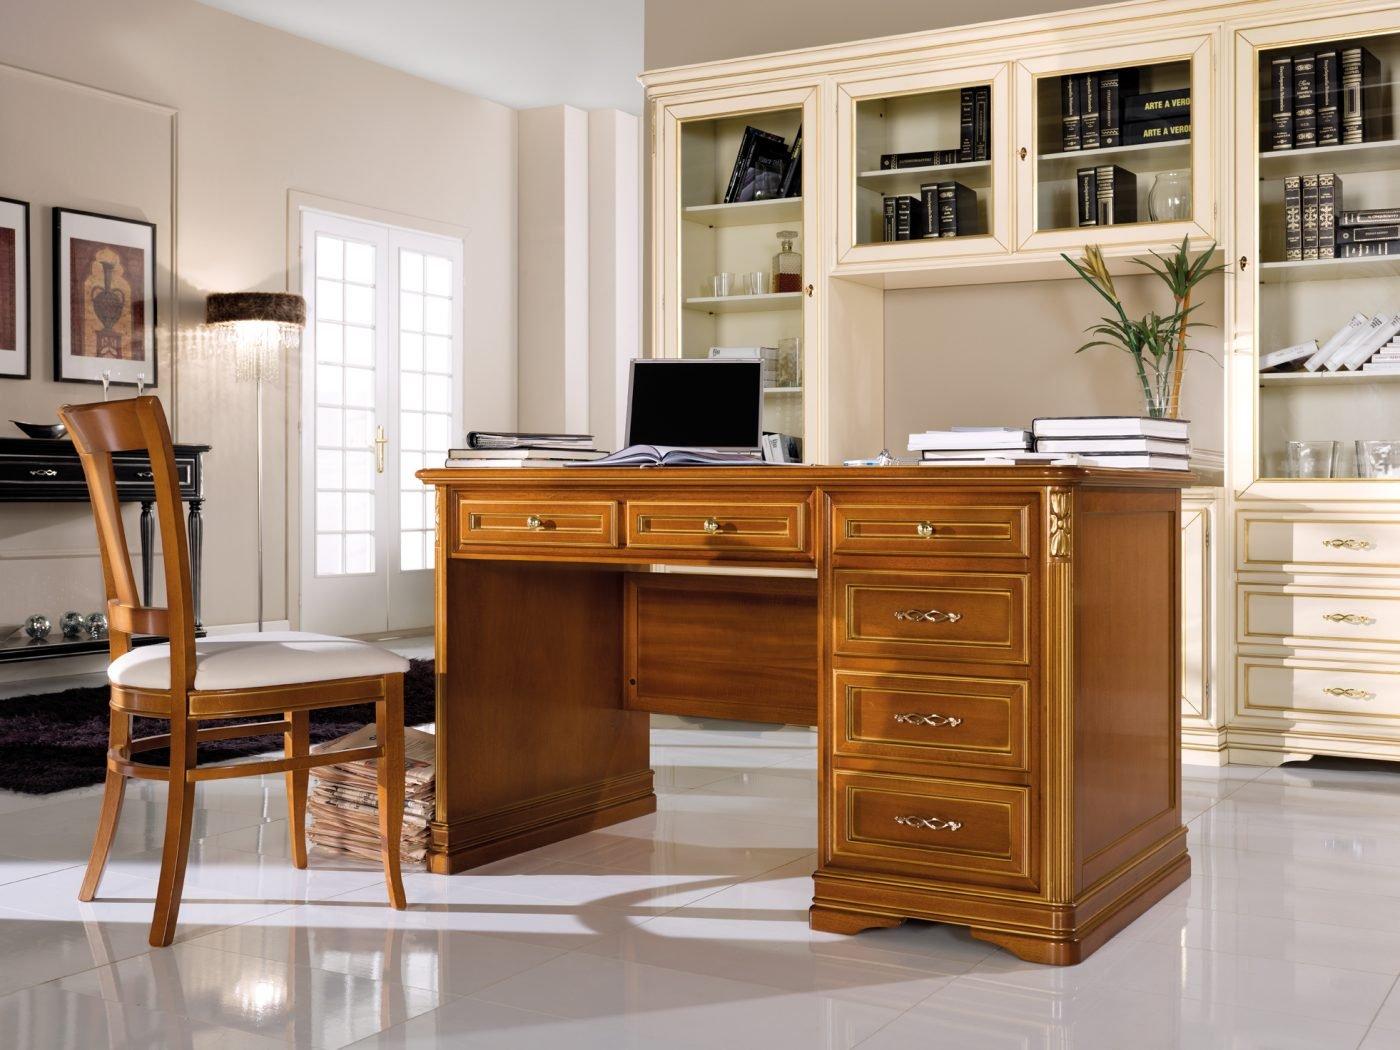 Scrivania 6 cassetti mobili in stile linea la maison for Mobili 6 cassetti